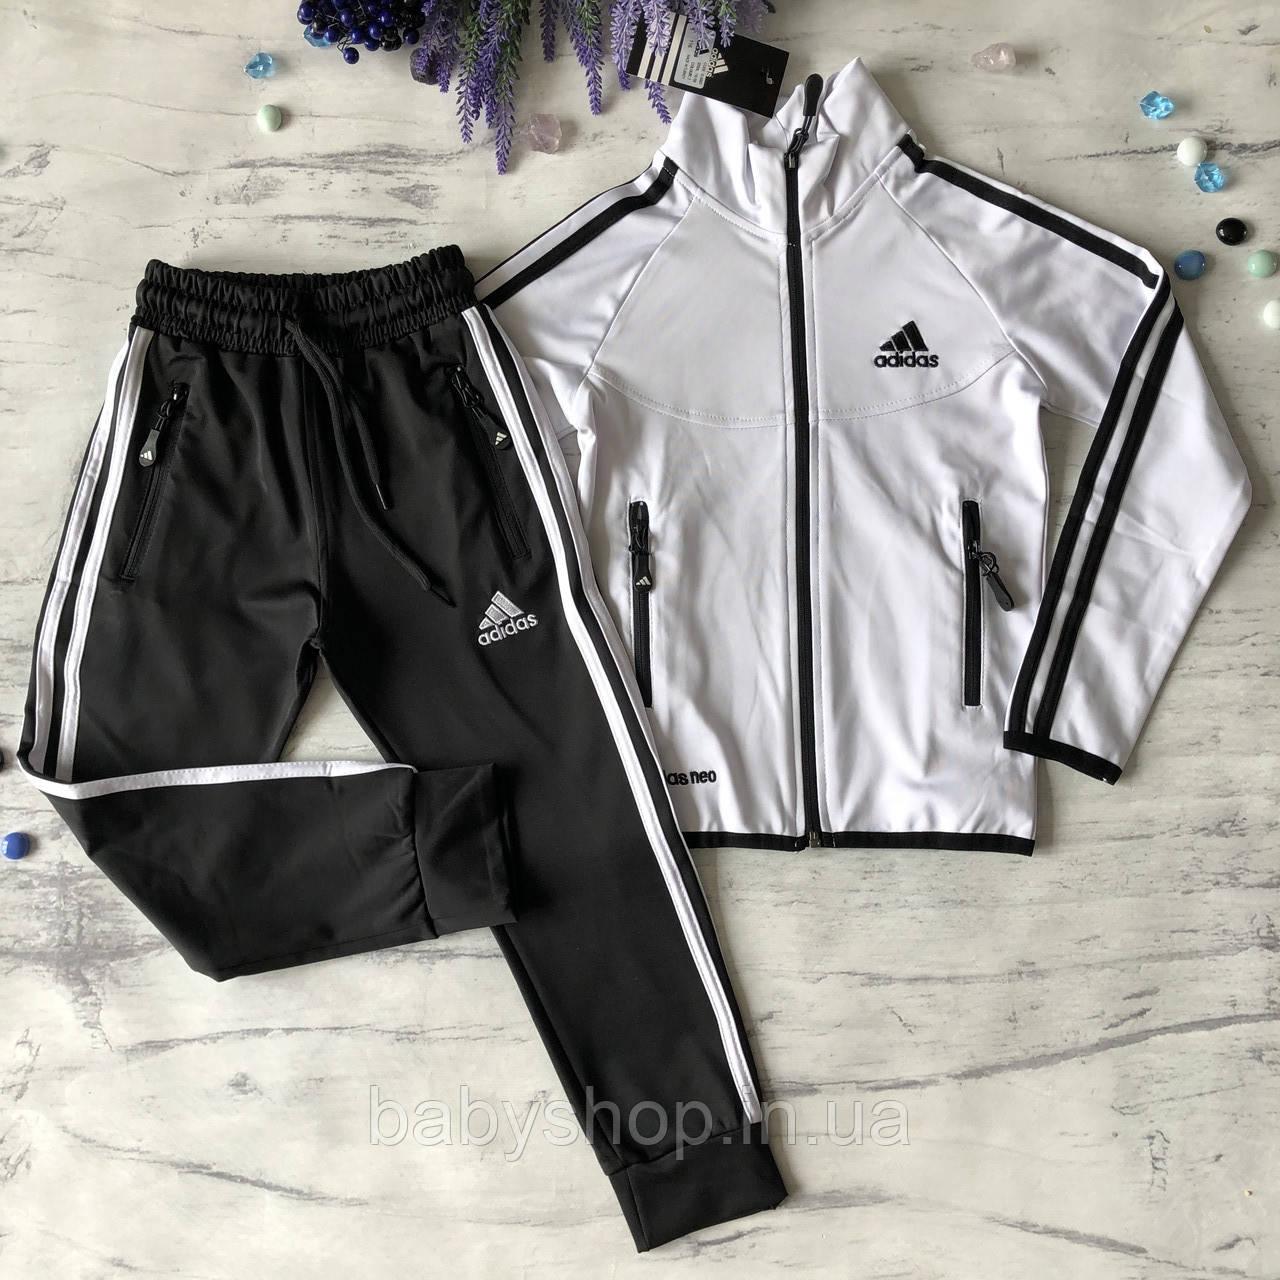 Теплый костюм на мальчика в стиле Adidas 172. Размер  116 см, 128 см, 140 см, 152 см, 164 см